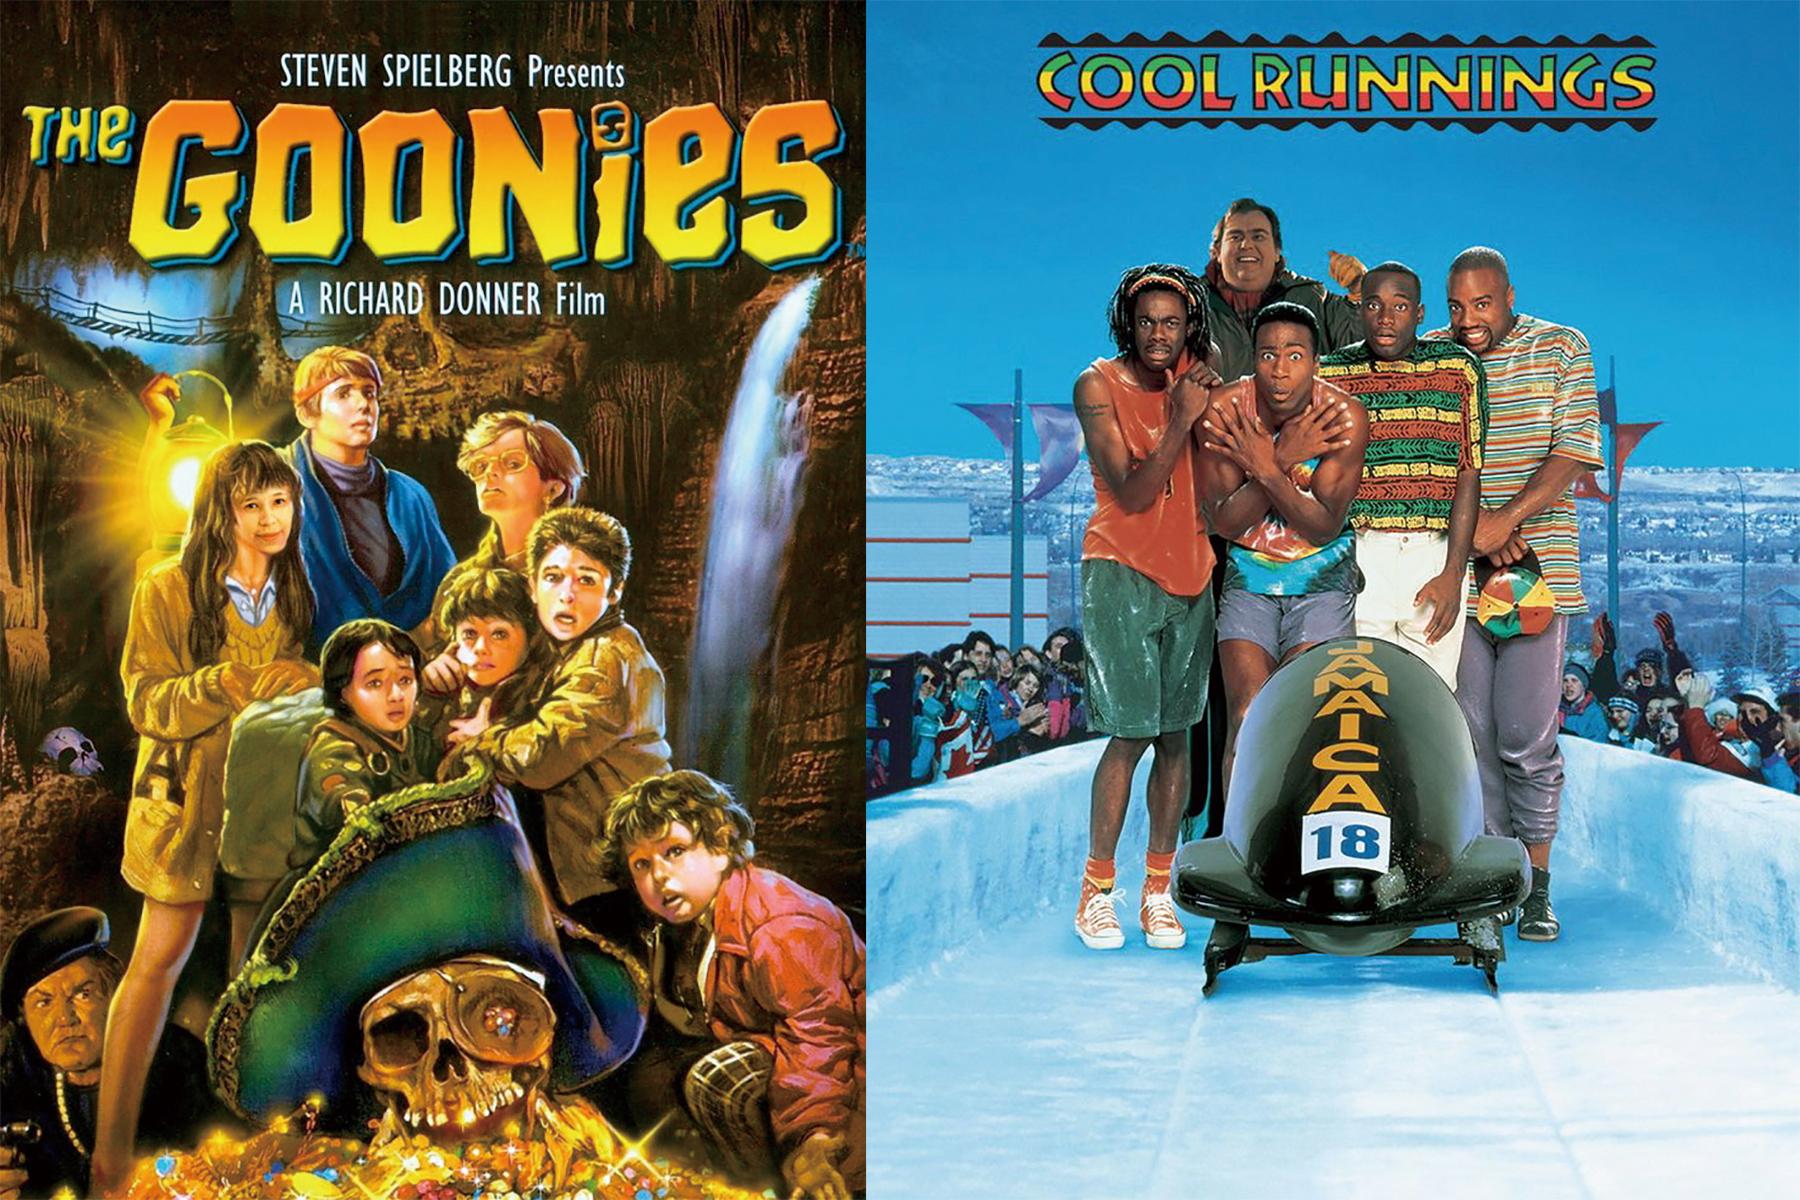 1985年上映的《七寶奇謀》(左)是80年代經典青少年冒險喜劇,是7歲的有坂塁第一次進戲院看的電影,再次進入電影院,真人實事改編的運動勵志片《癲瘋總動員》讓他再次領悟電影的美好。(圖片來源:Amazon)